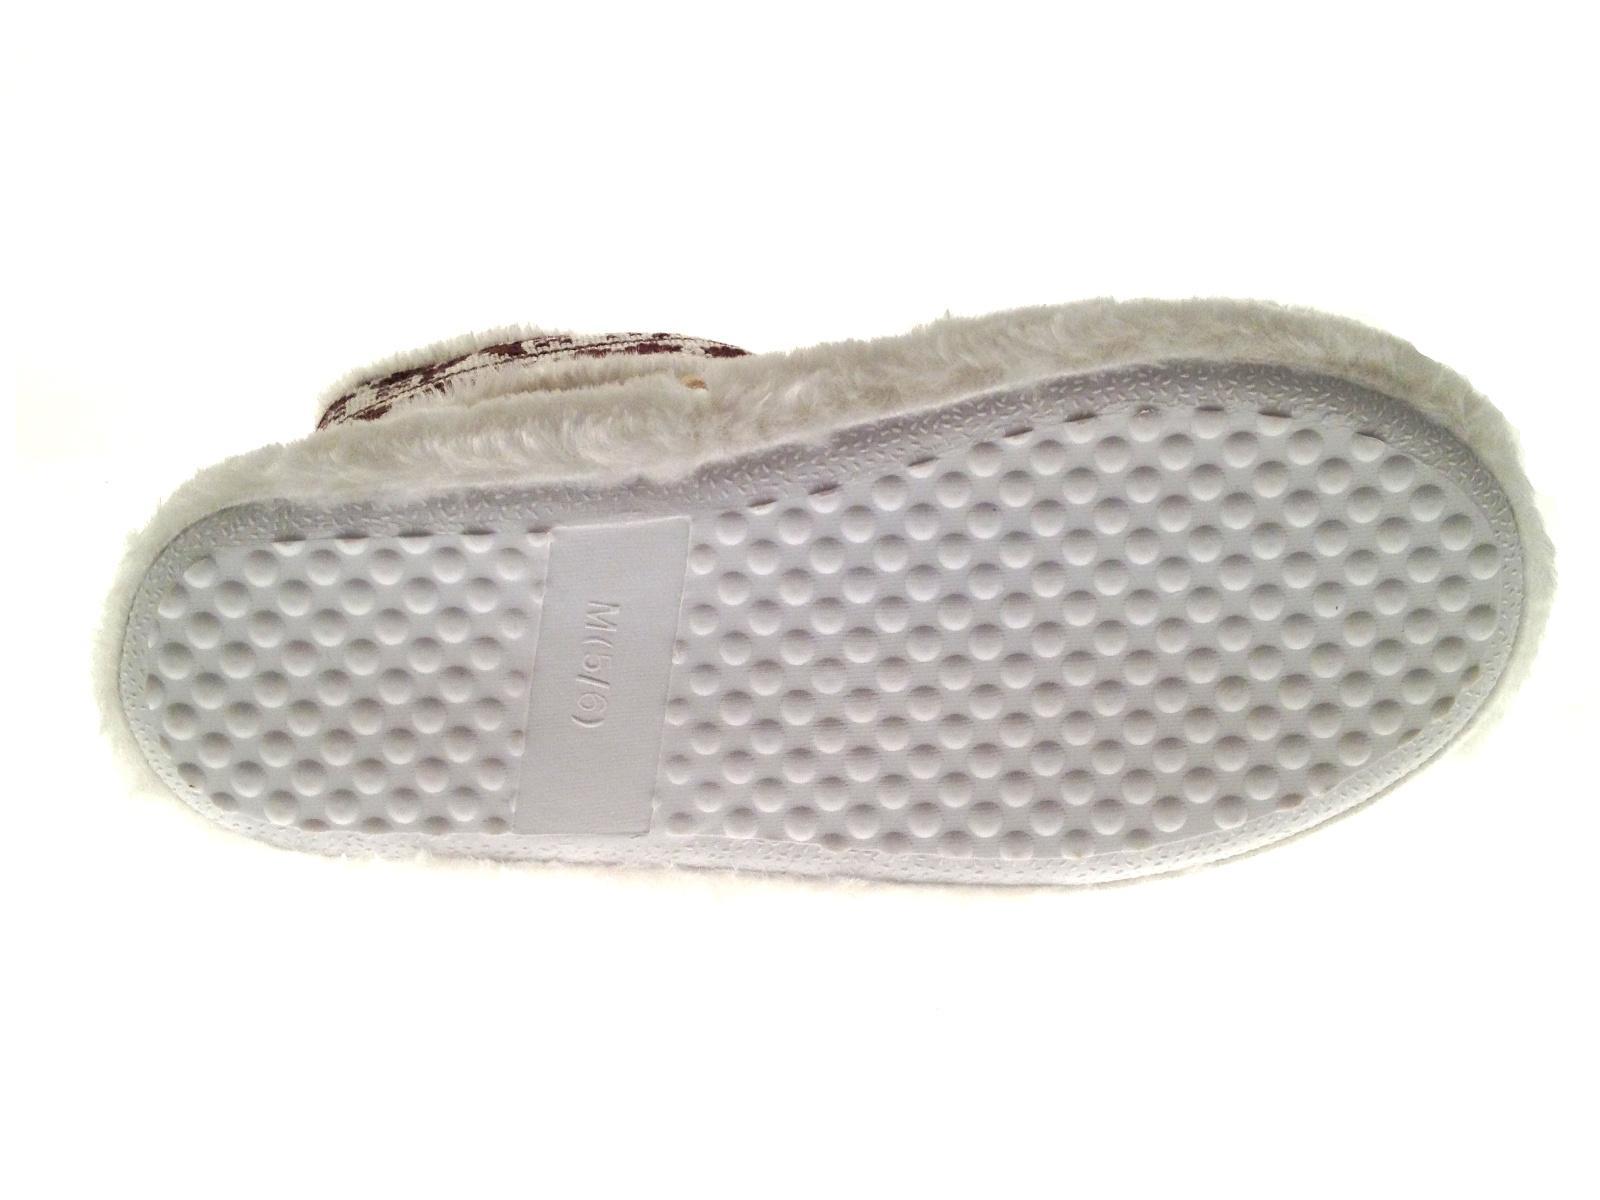 Para-Mujer-Zapatillas-Botas-Botines-Lentejuelas-De-Piel-Sintetica-caliente-del-invierno-Chicas-Damas